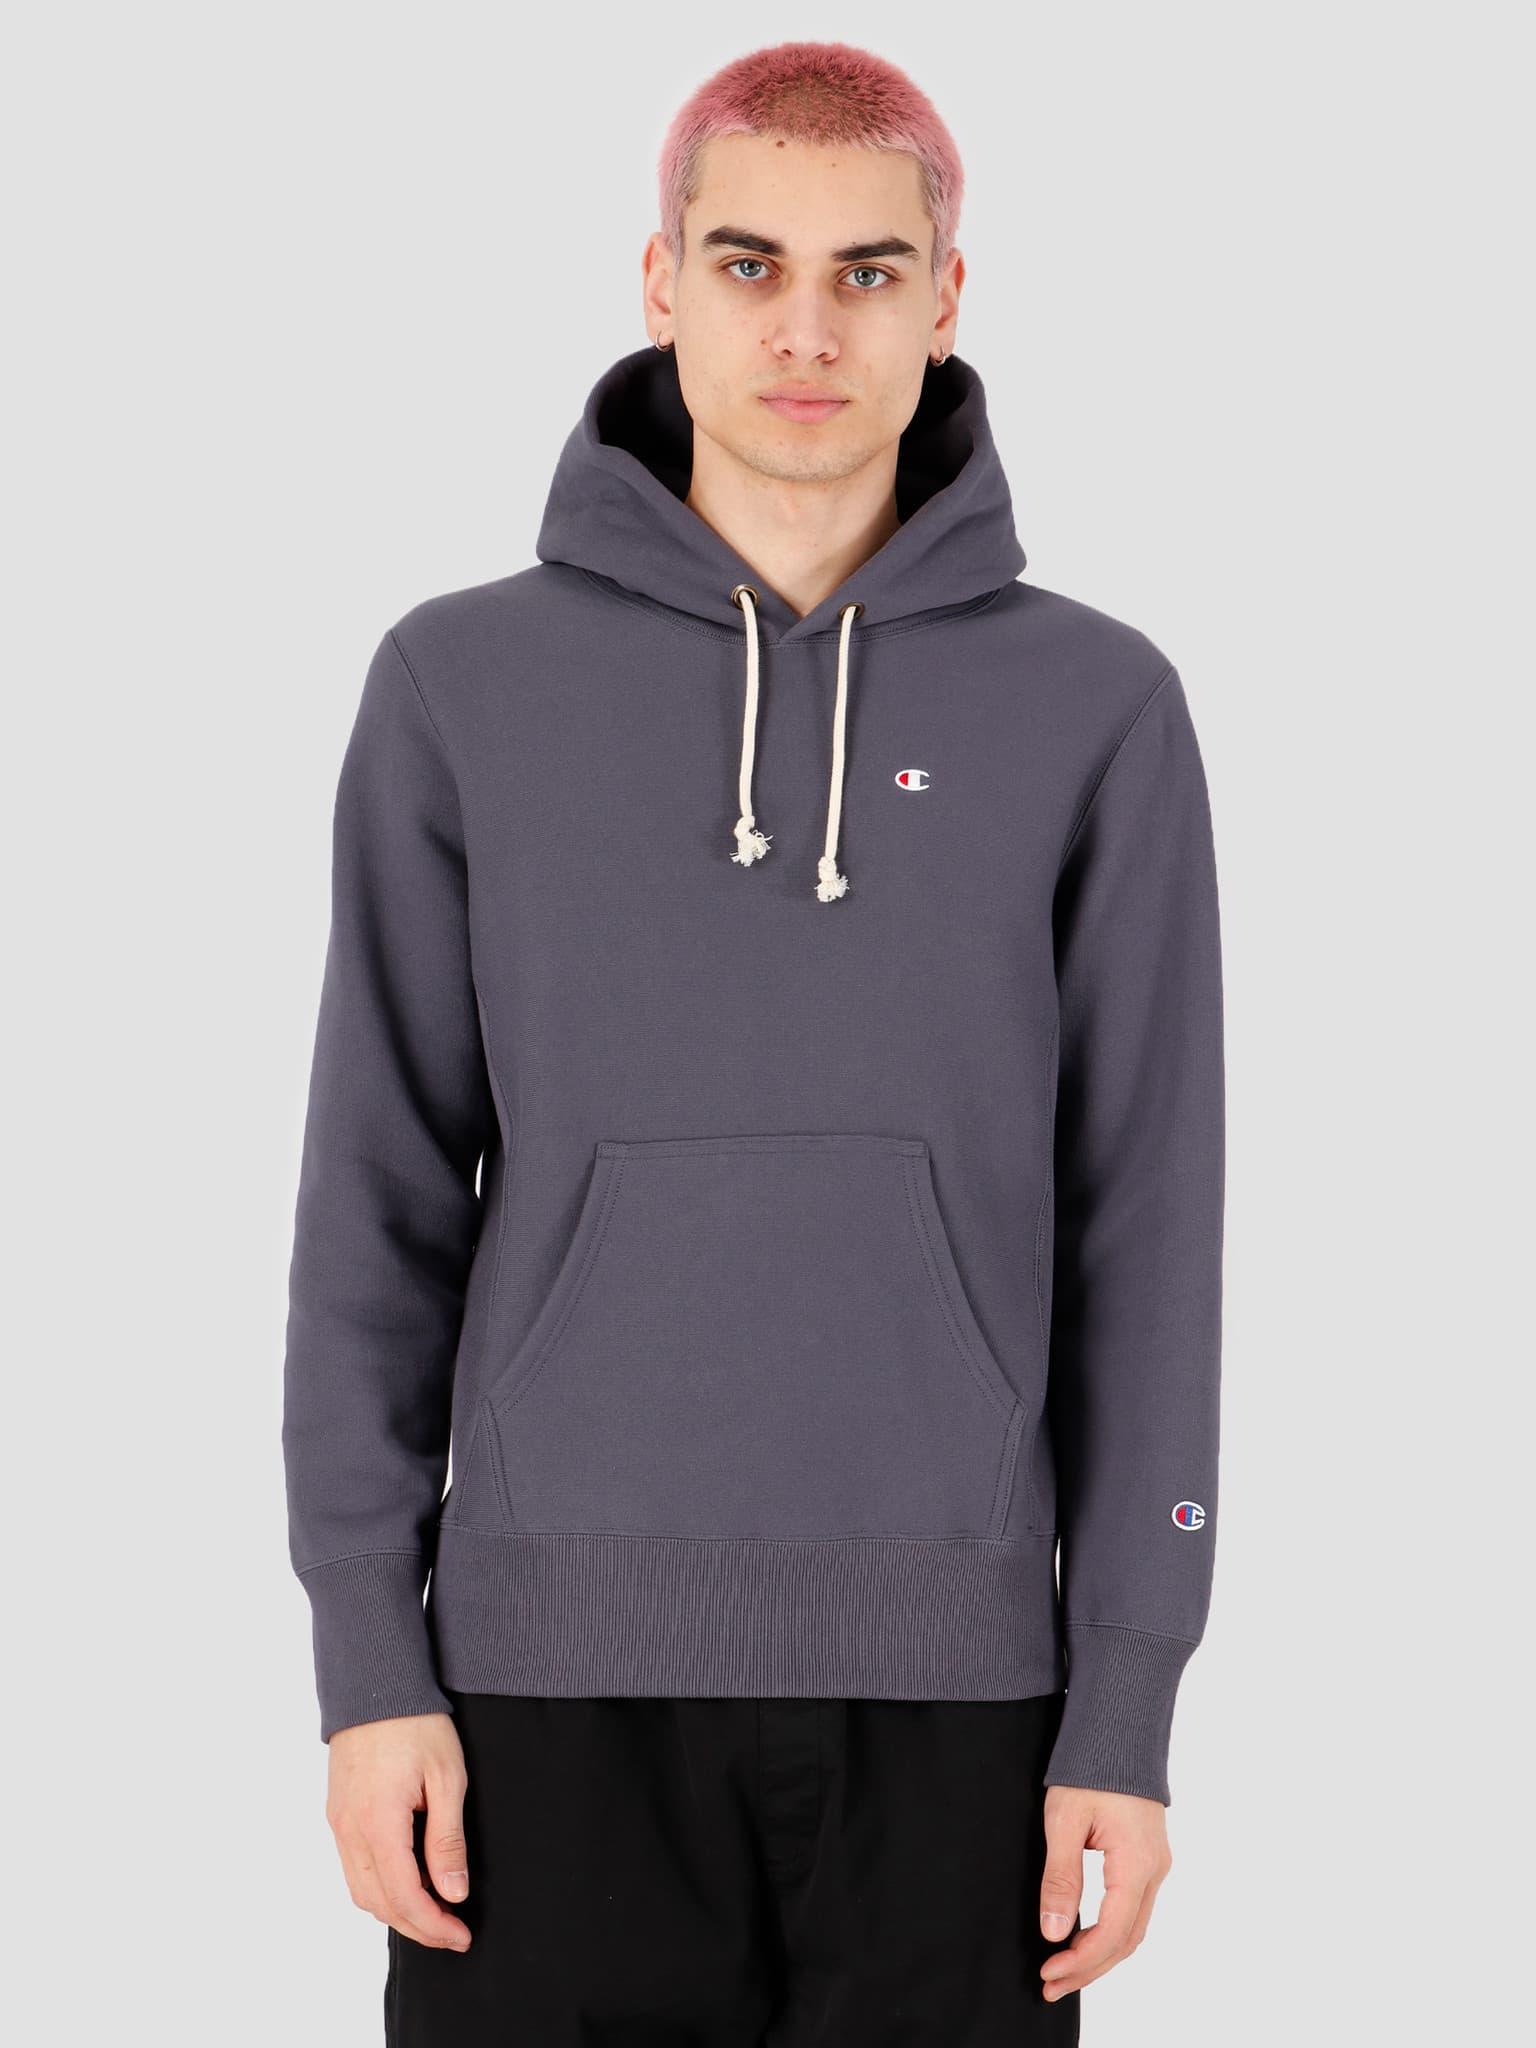 Hooded Sweatshirt Grey CHC 214675-BS514